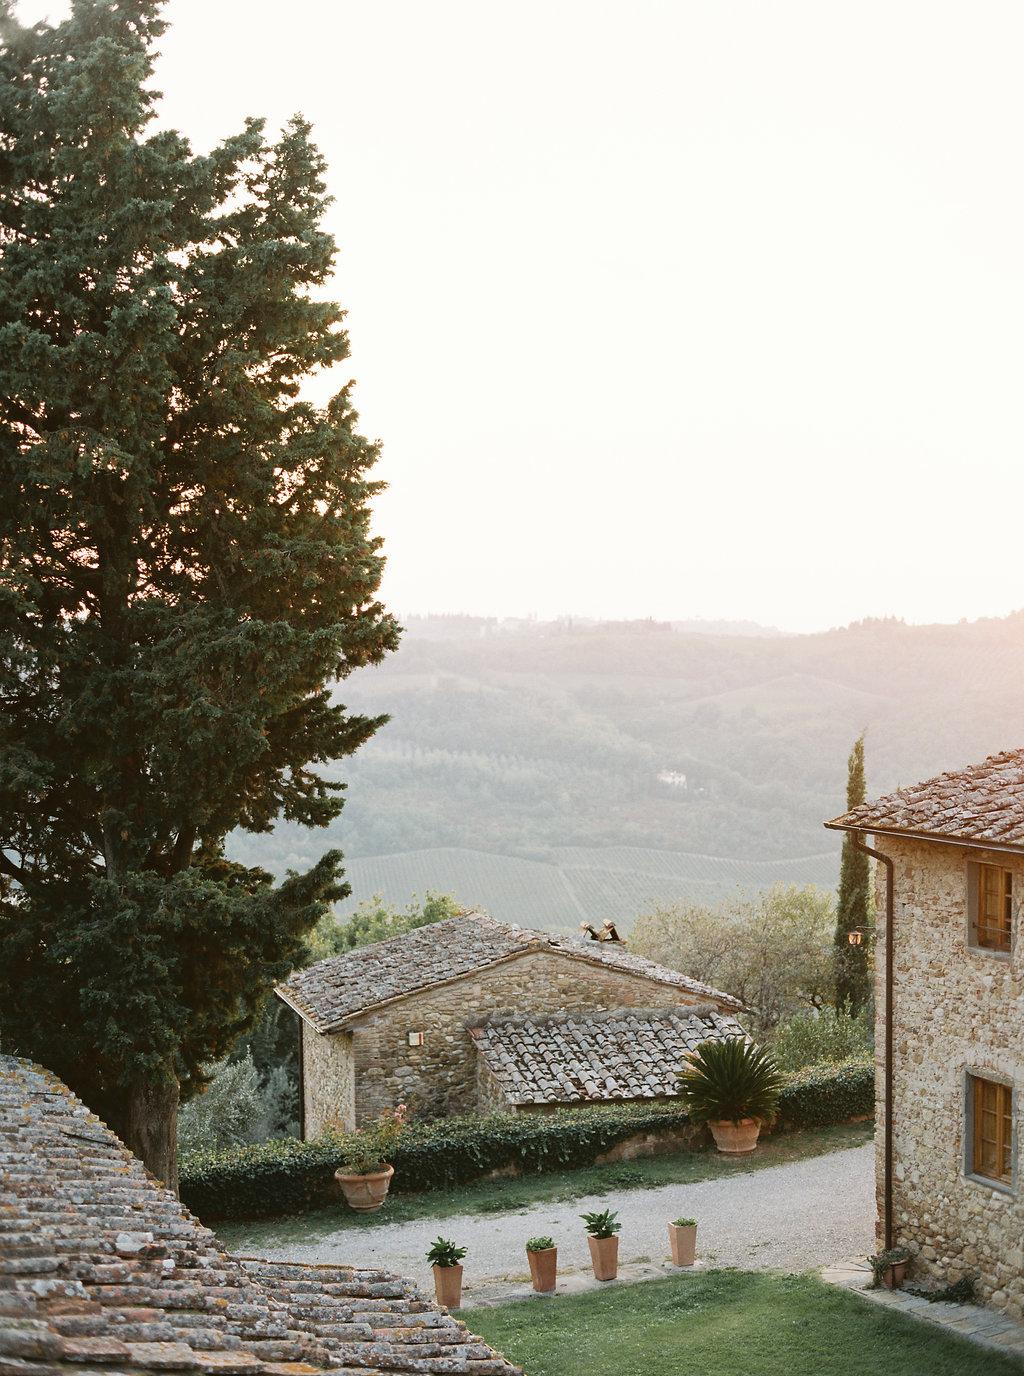 Castello-di-bibbione171